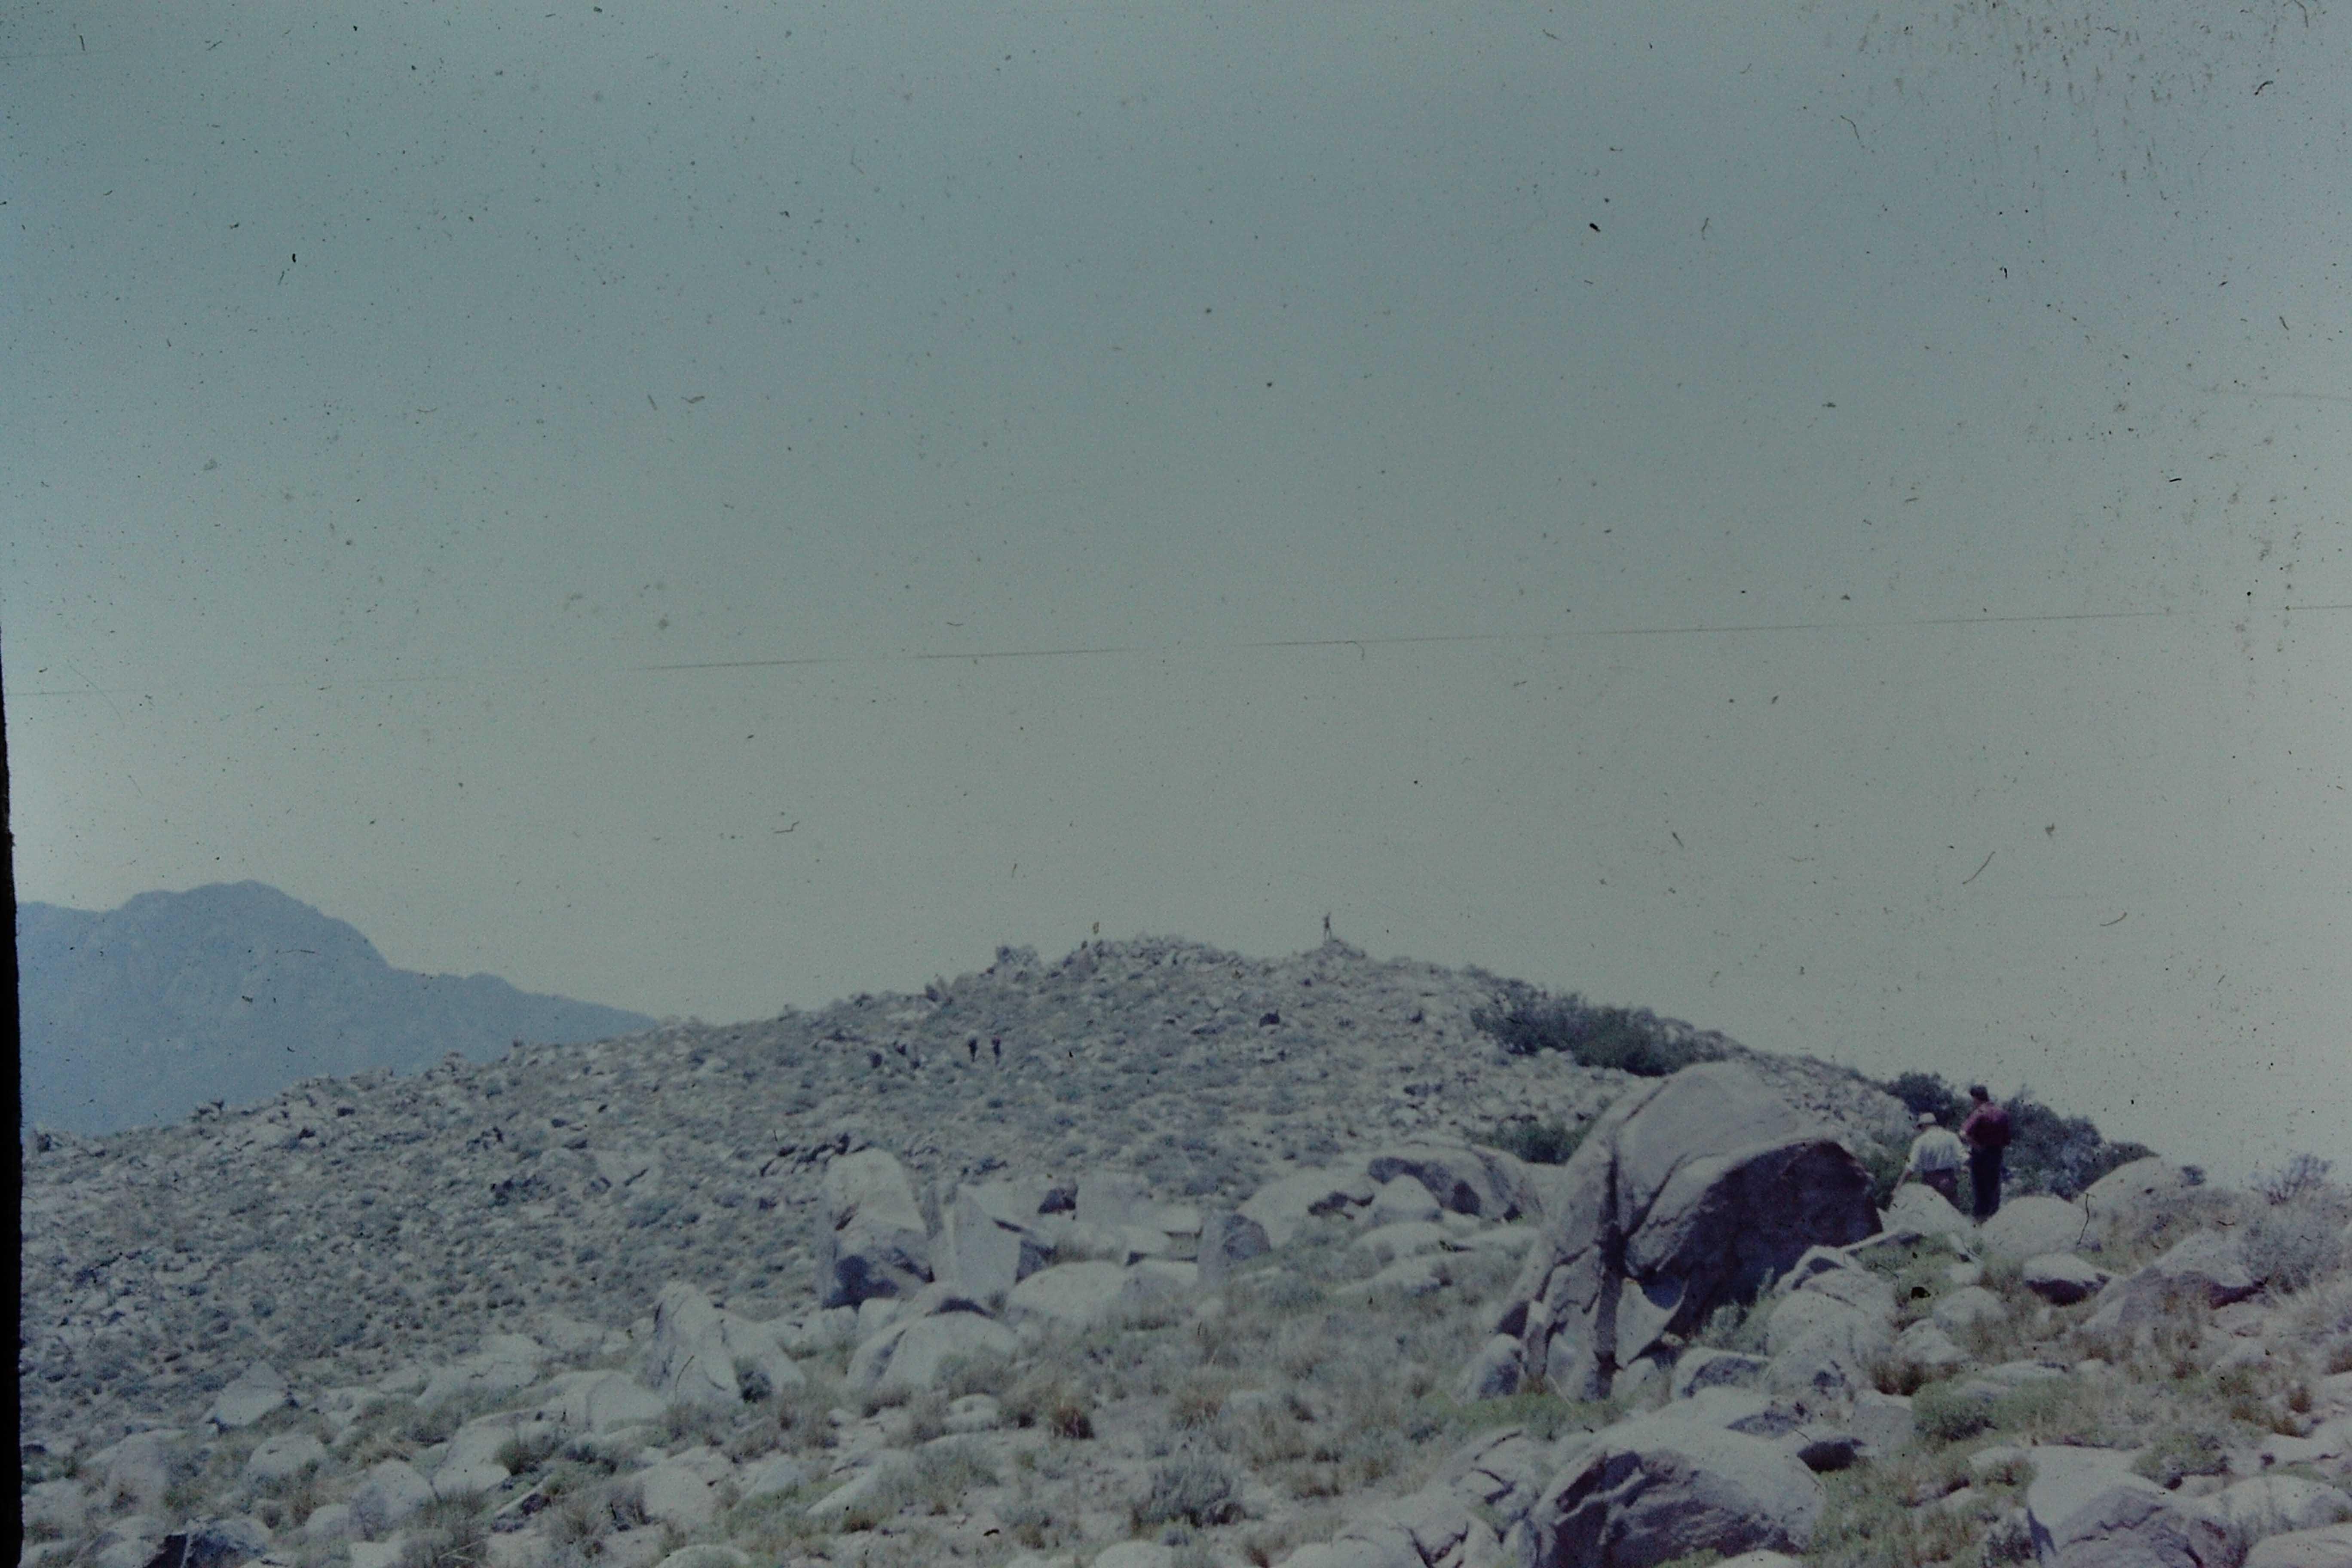 Enterreno - Fotos históricas de chile - fotos antiguas de Chile - Cerro el Roble ca. 1970